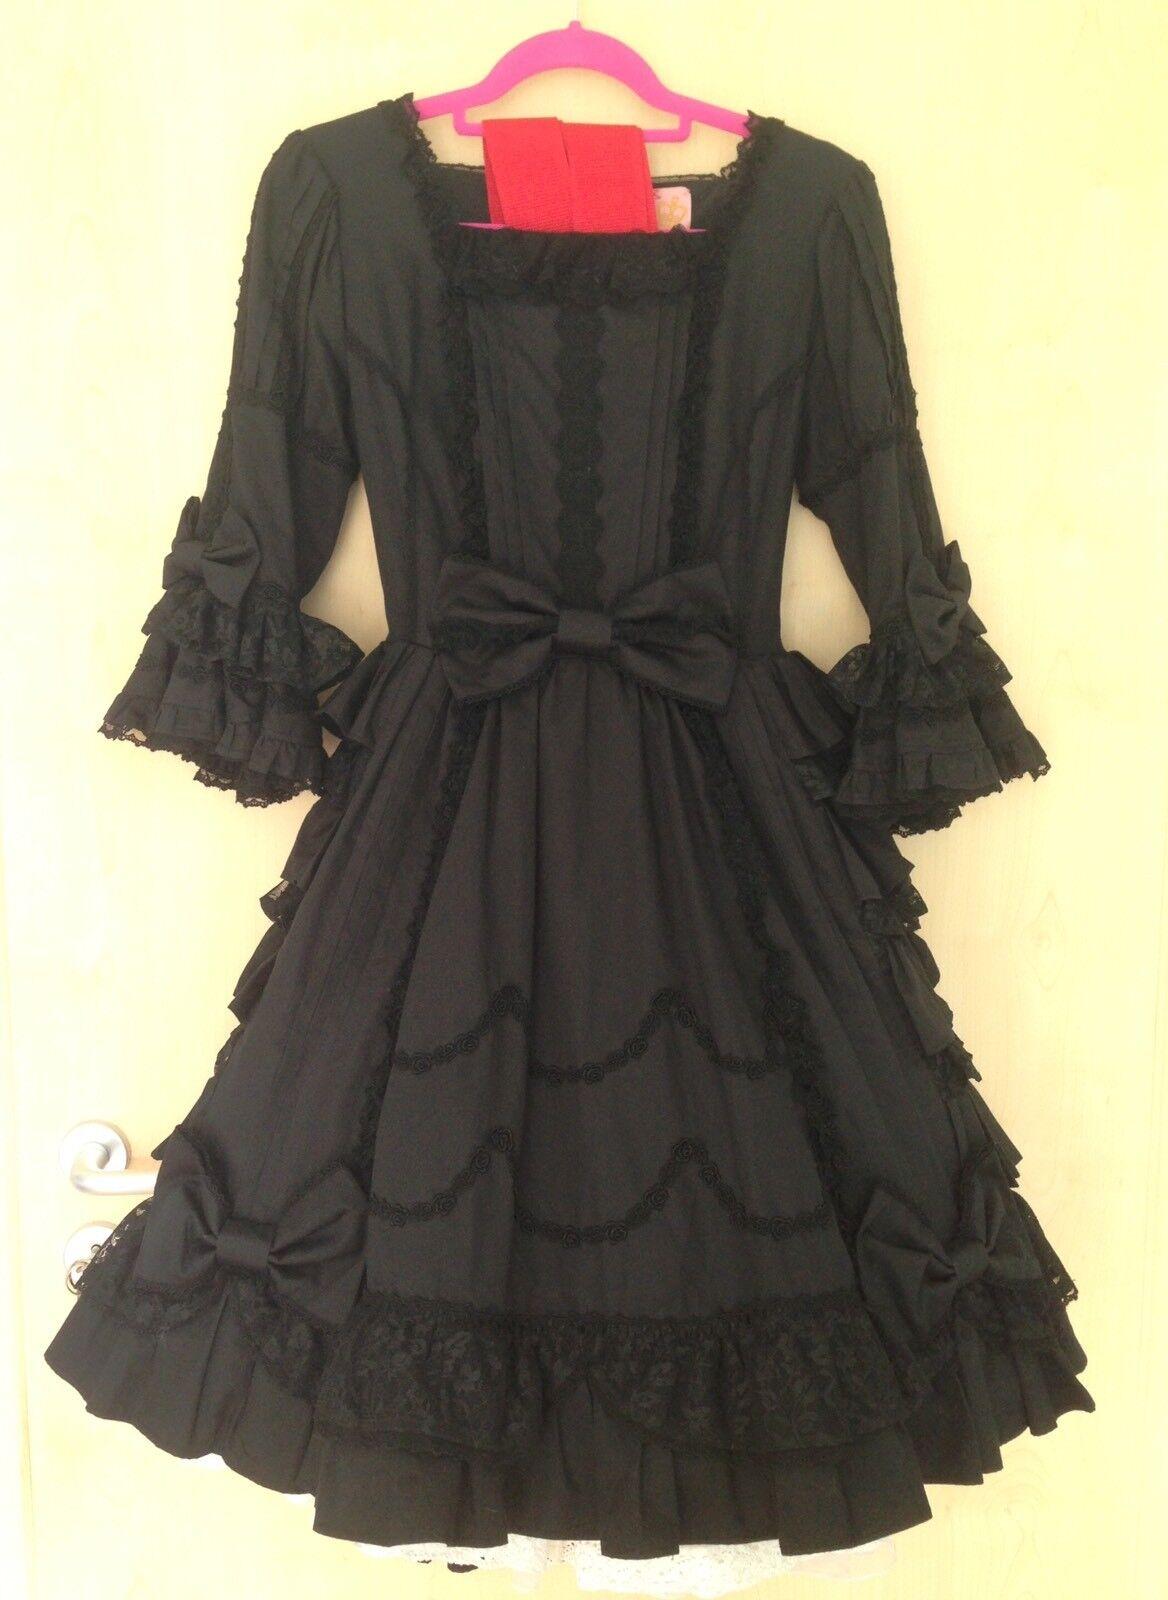 Angelic Pretty Kleid Lolita AP Onepiece Gothic kawaii Cosplay Aristocrat elegant